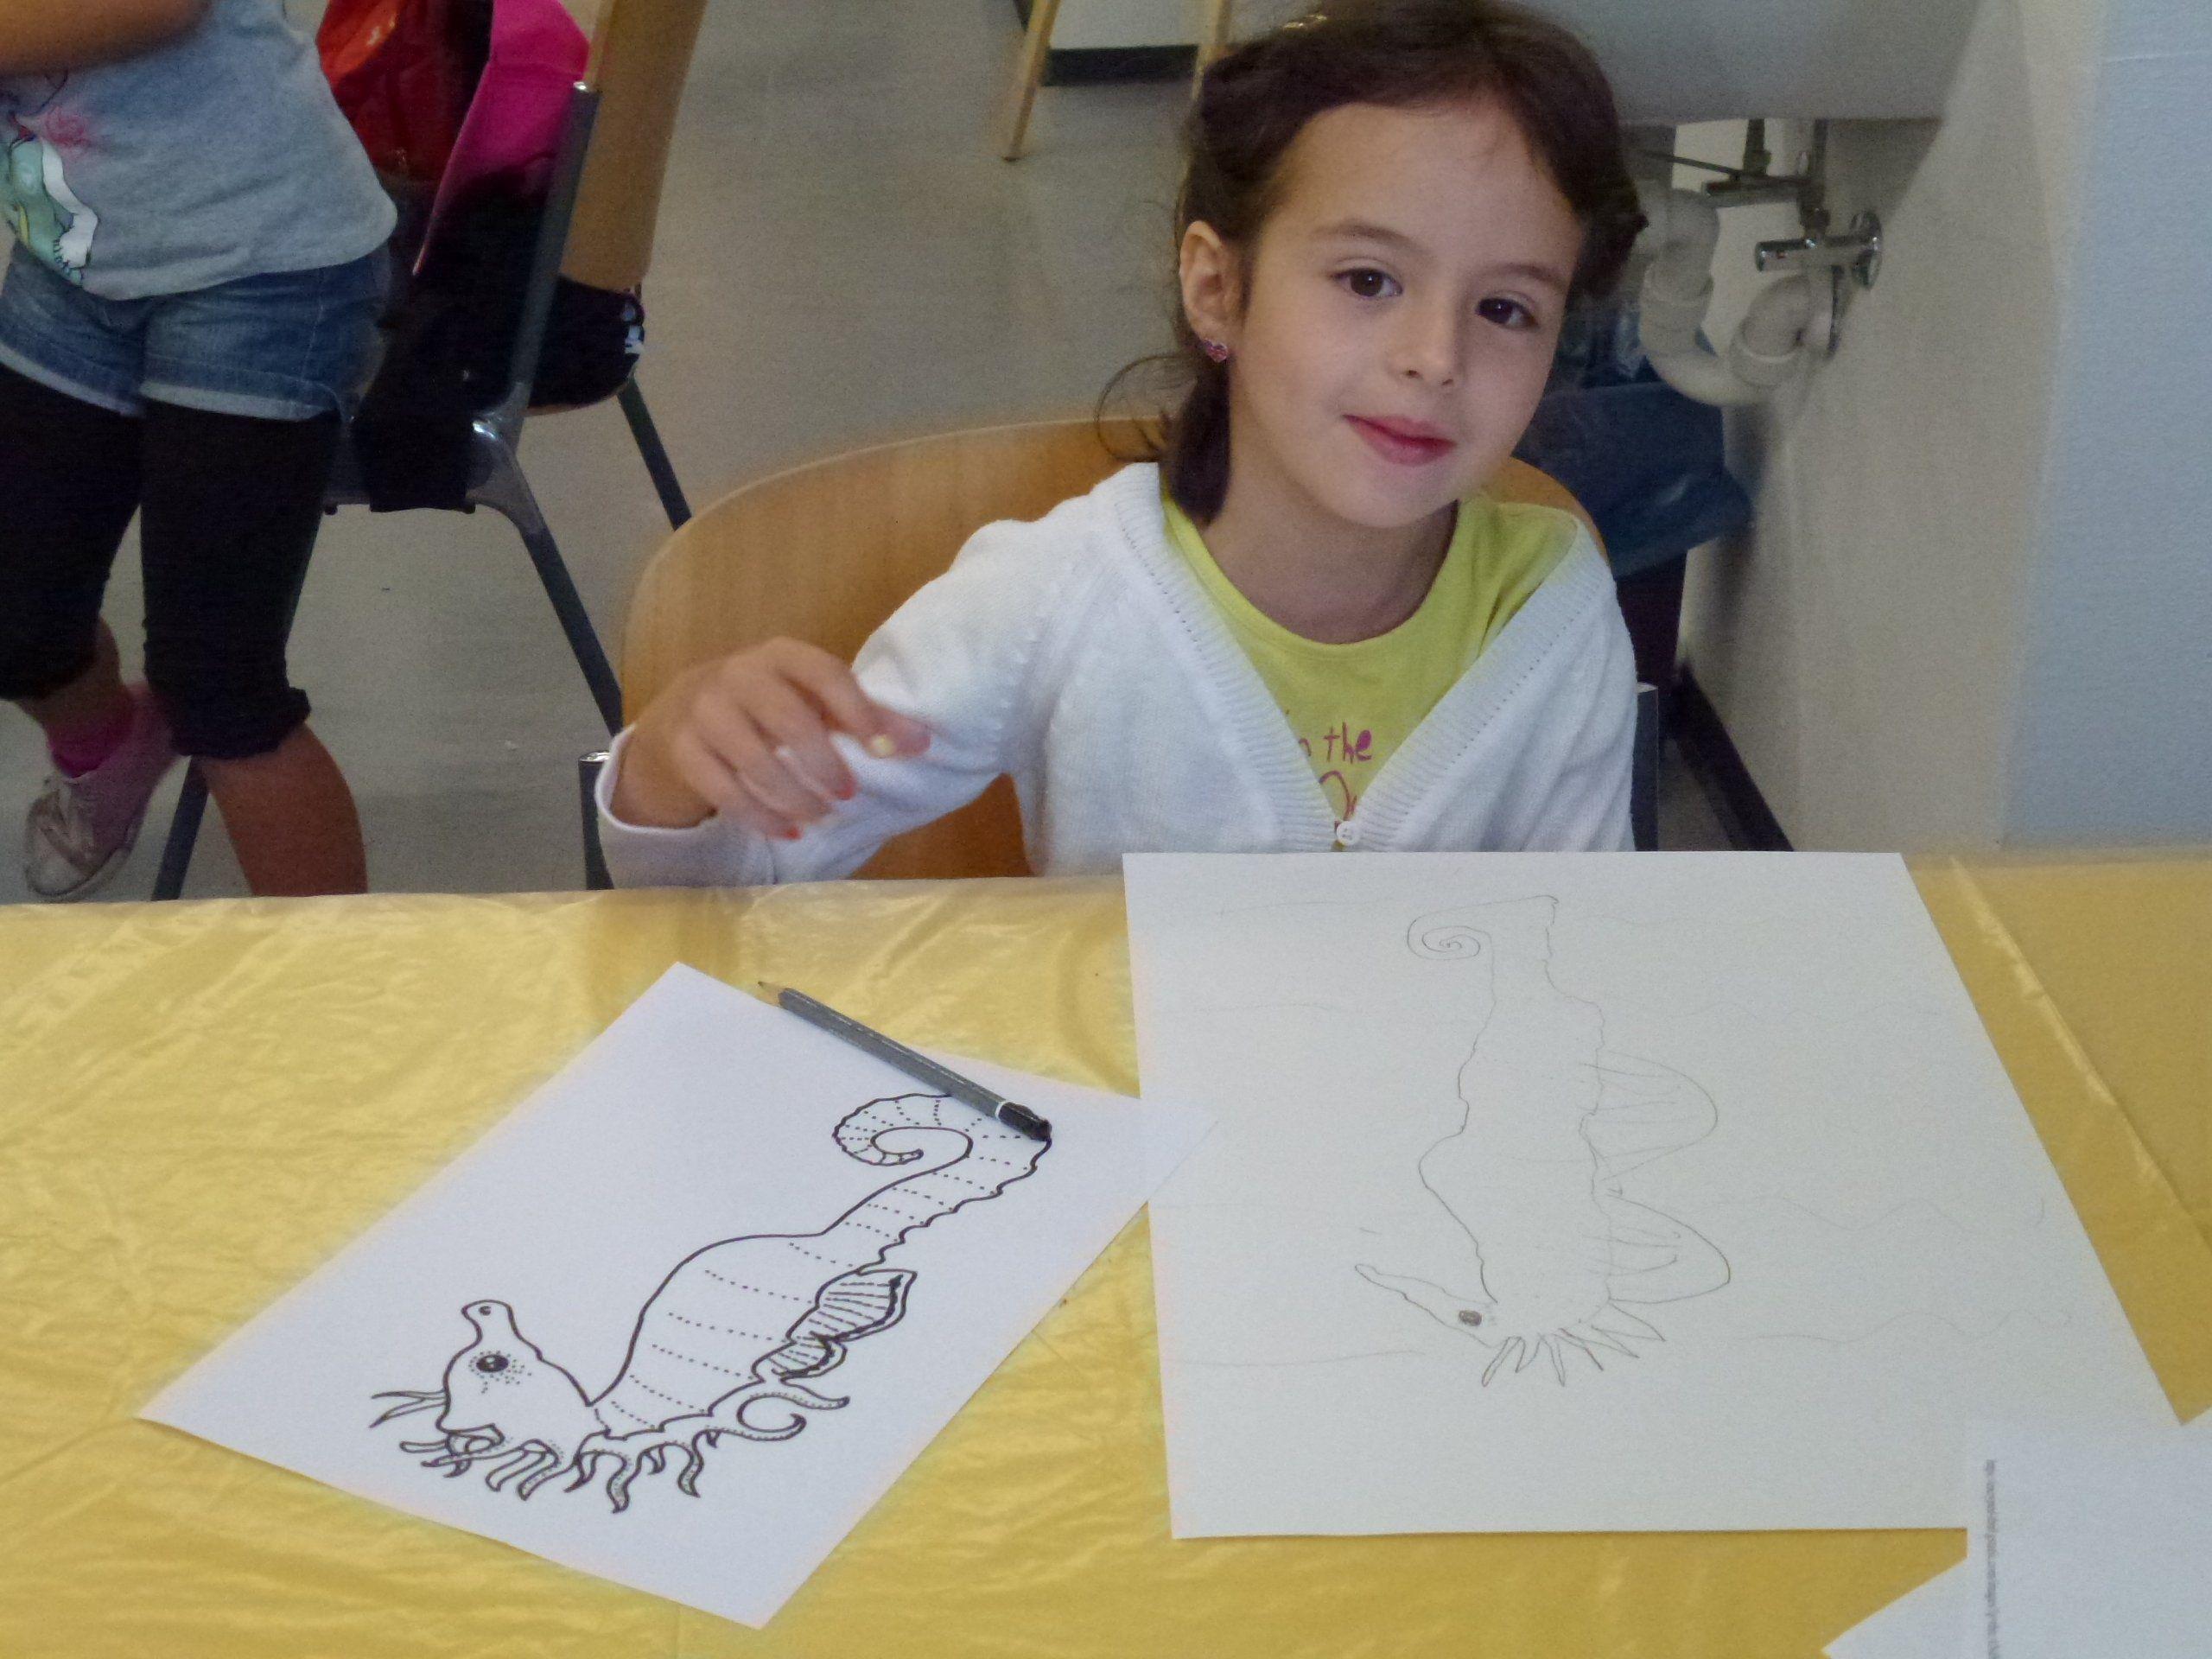 spielerischer Zugang zur Zeichung und Malerei